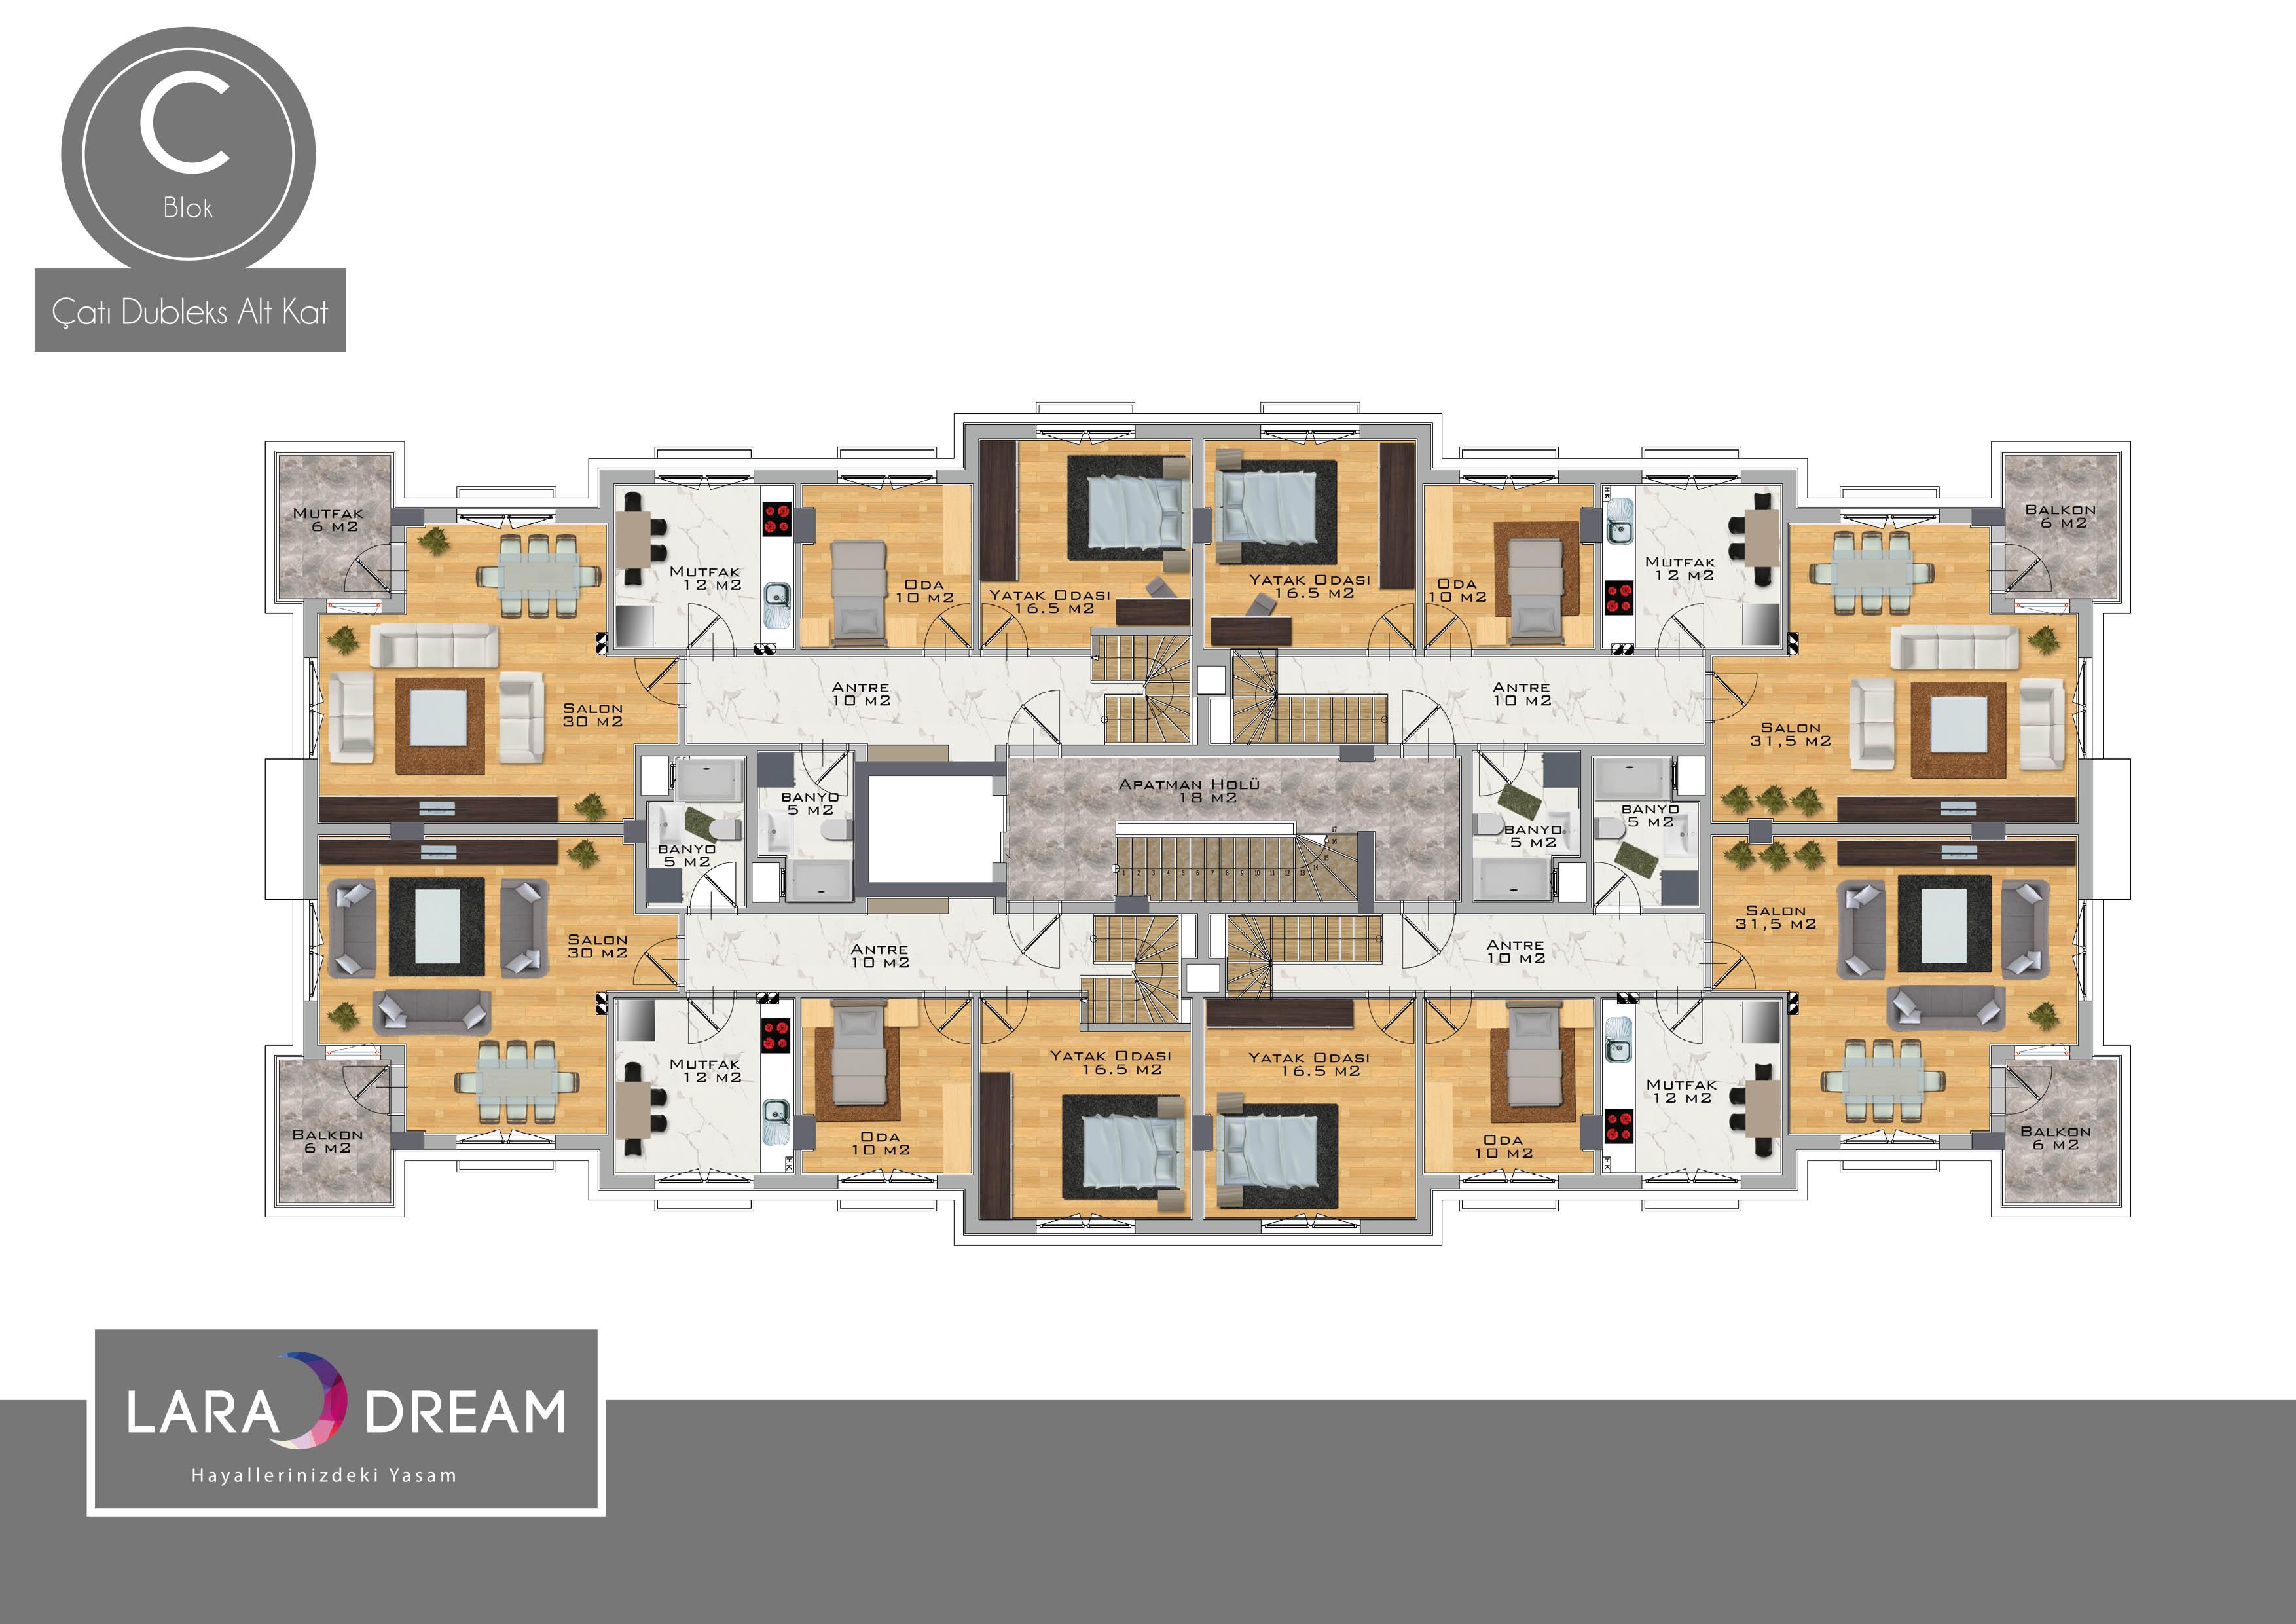 Lara Dream Katalog